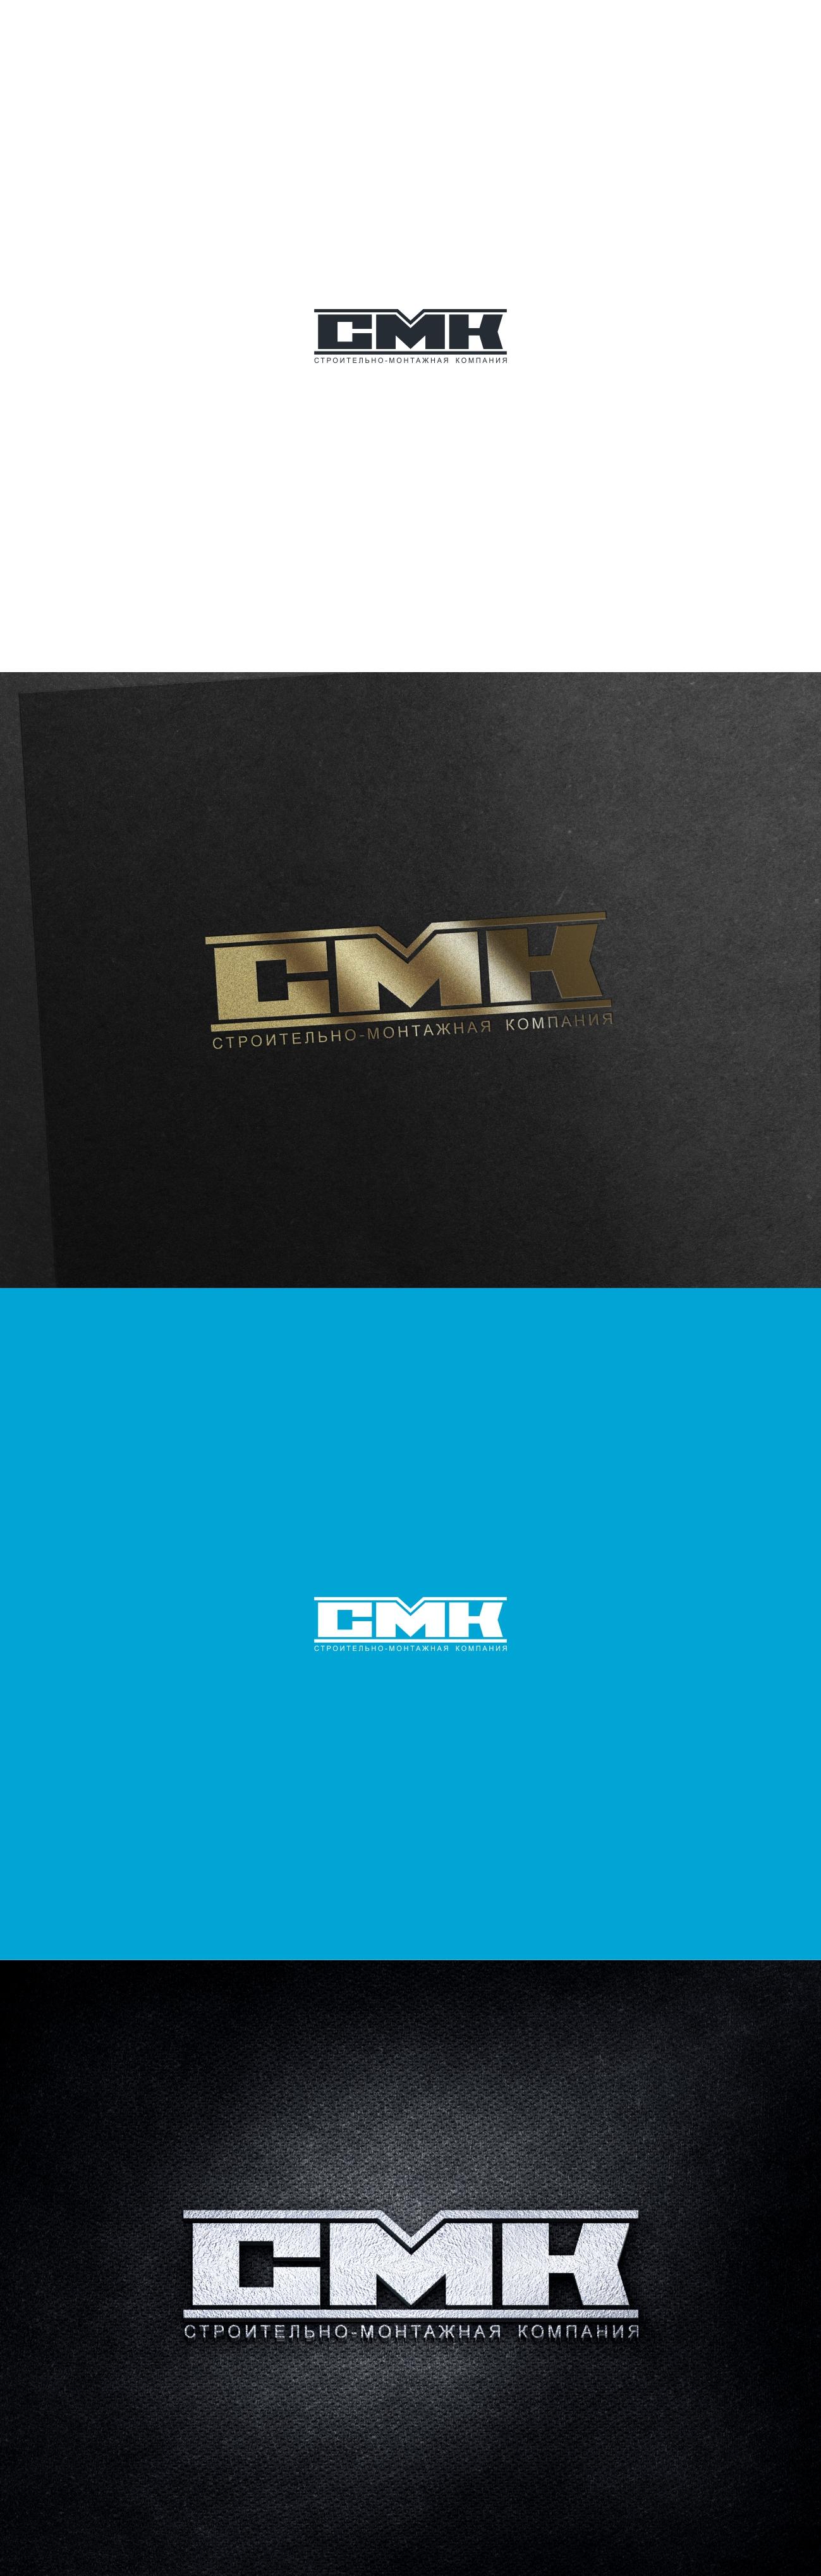 Разработка логотипа компании фото f_9315ddd22151cc47.jpg